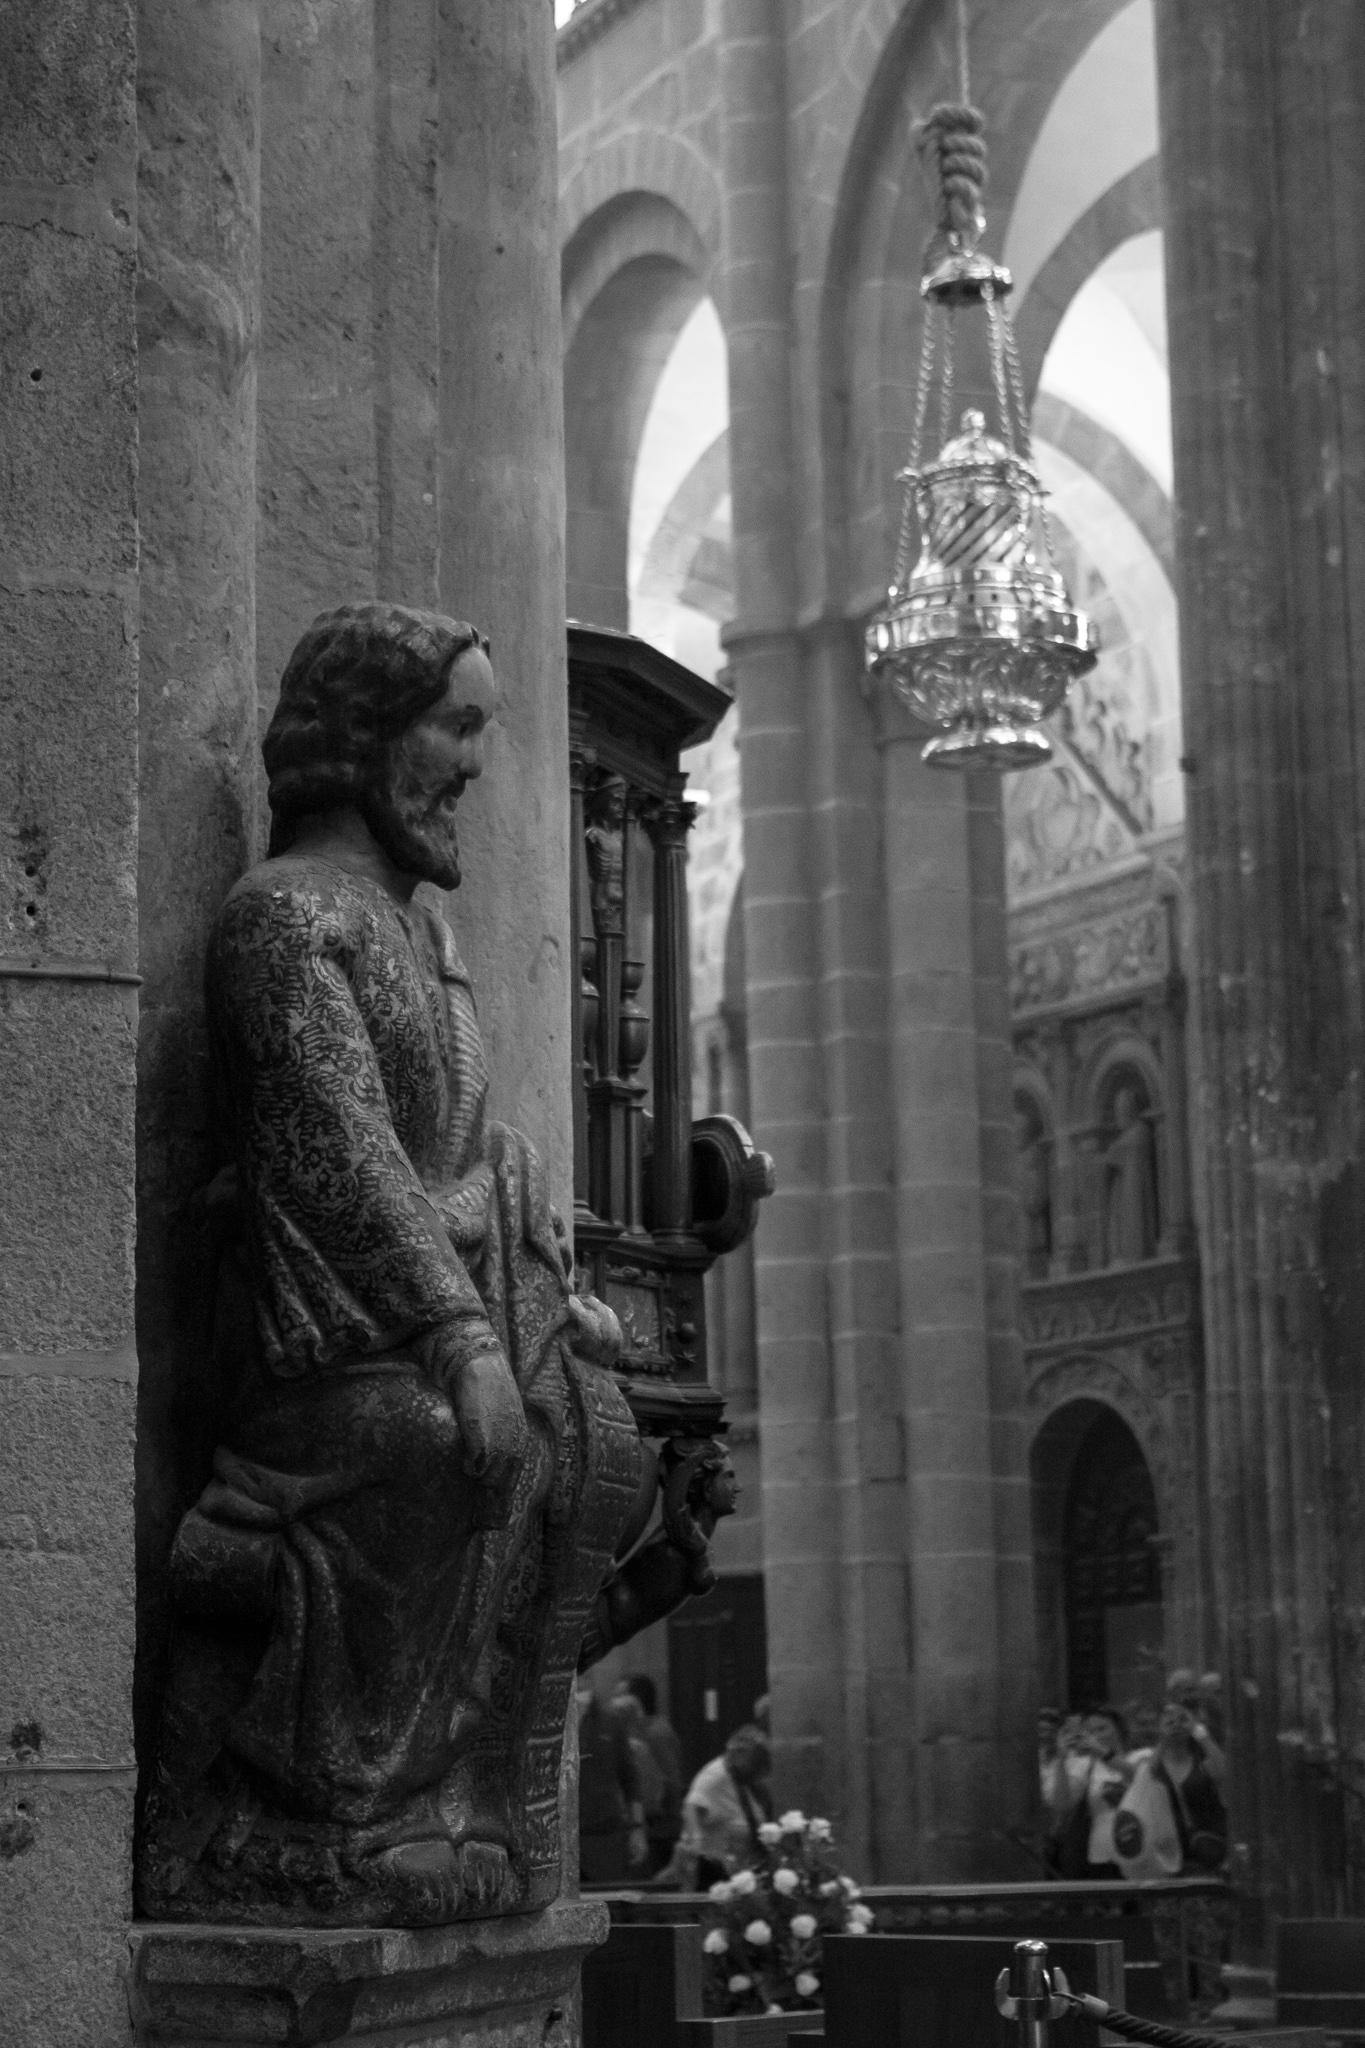 La Catedral de Santiago de Compostela, comenzada a construir en 1075, es uno de los templos más conocidos y admirados del mundo, no sólo por su patrimonio arquitectónico y artístico que conjuga los estilos románico y barroco, sino por ser referencia para los miles de peregrinos que parten hacia ella cada año. <br><br>La construcción del templo, declarado Patrimonio de la Humanidad en 1985 y de unos 100m de largo y más de 70m de altura, se completó aproximadamente hacia el año 1200.